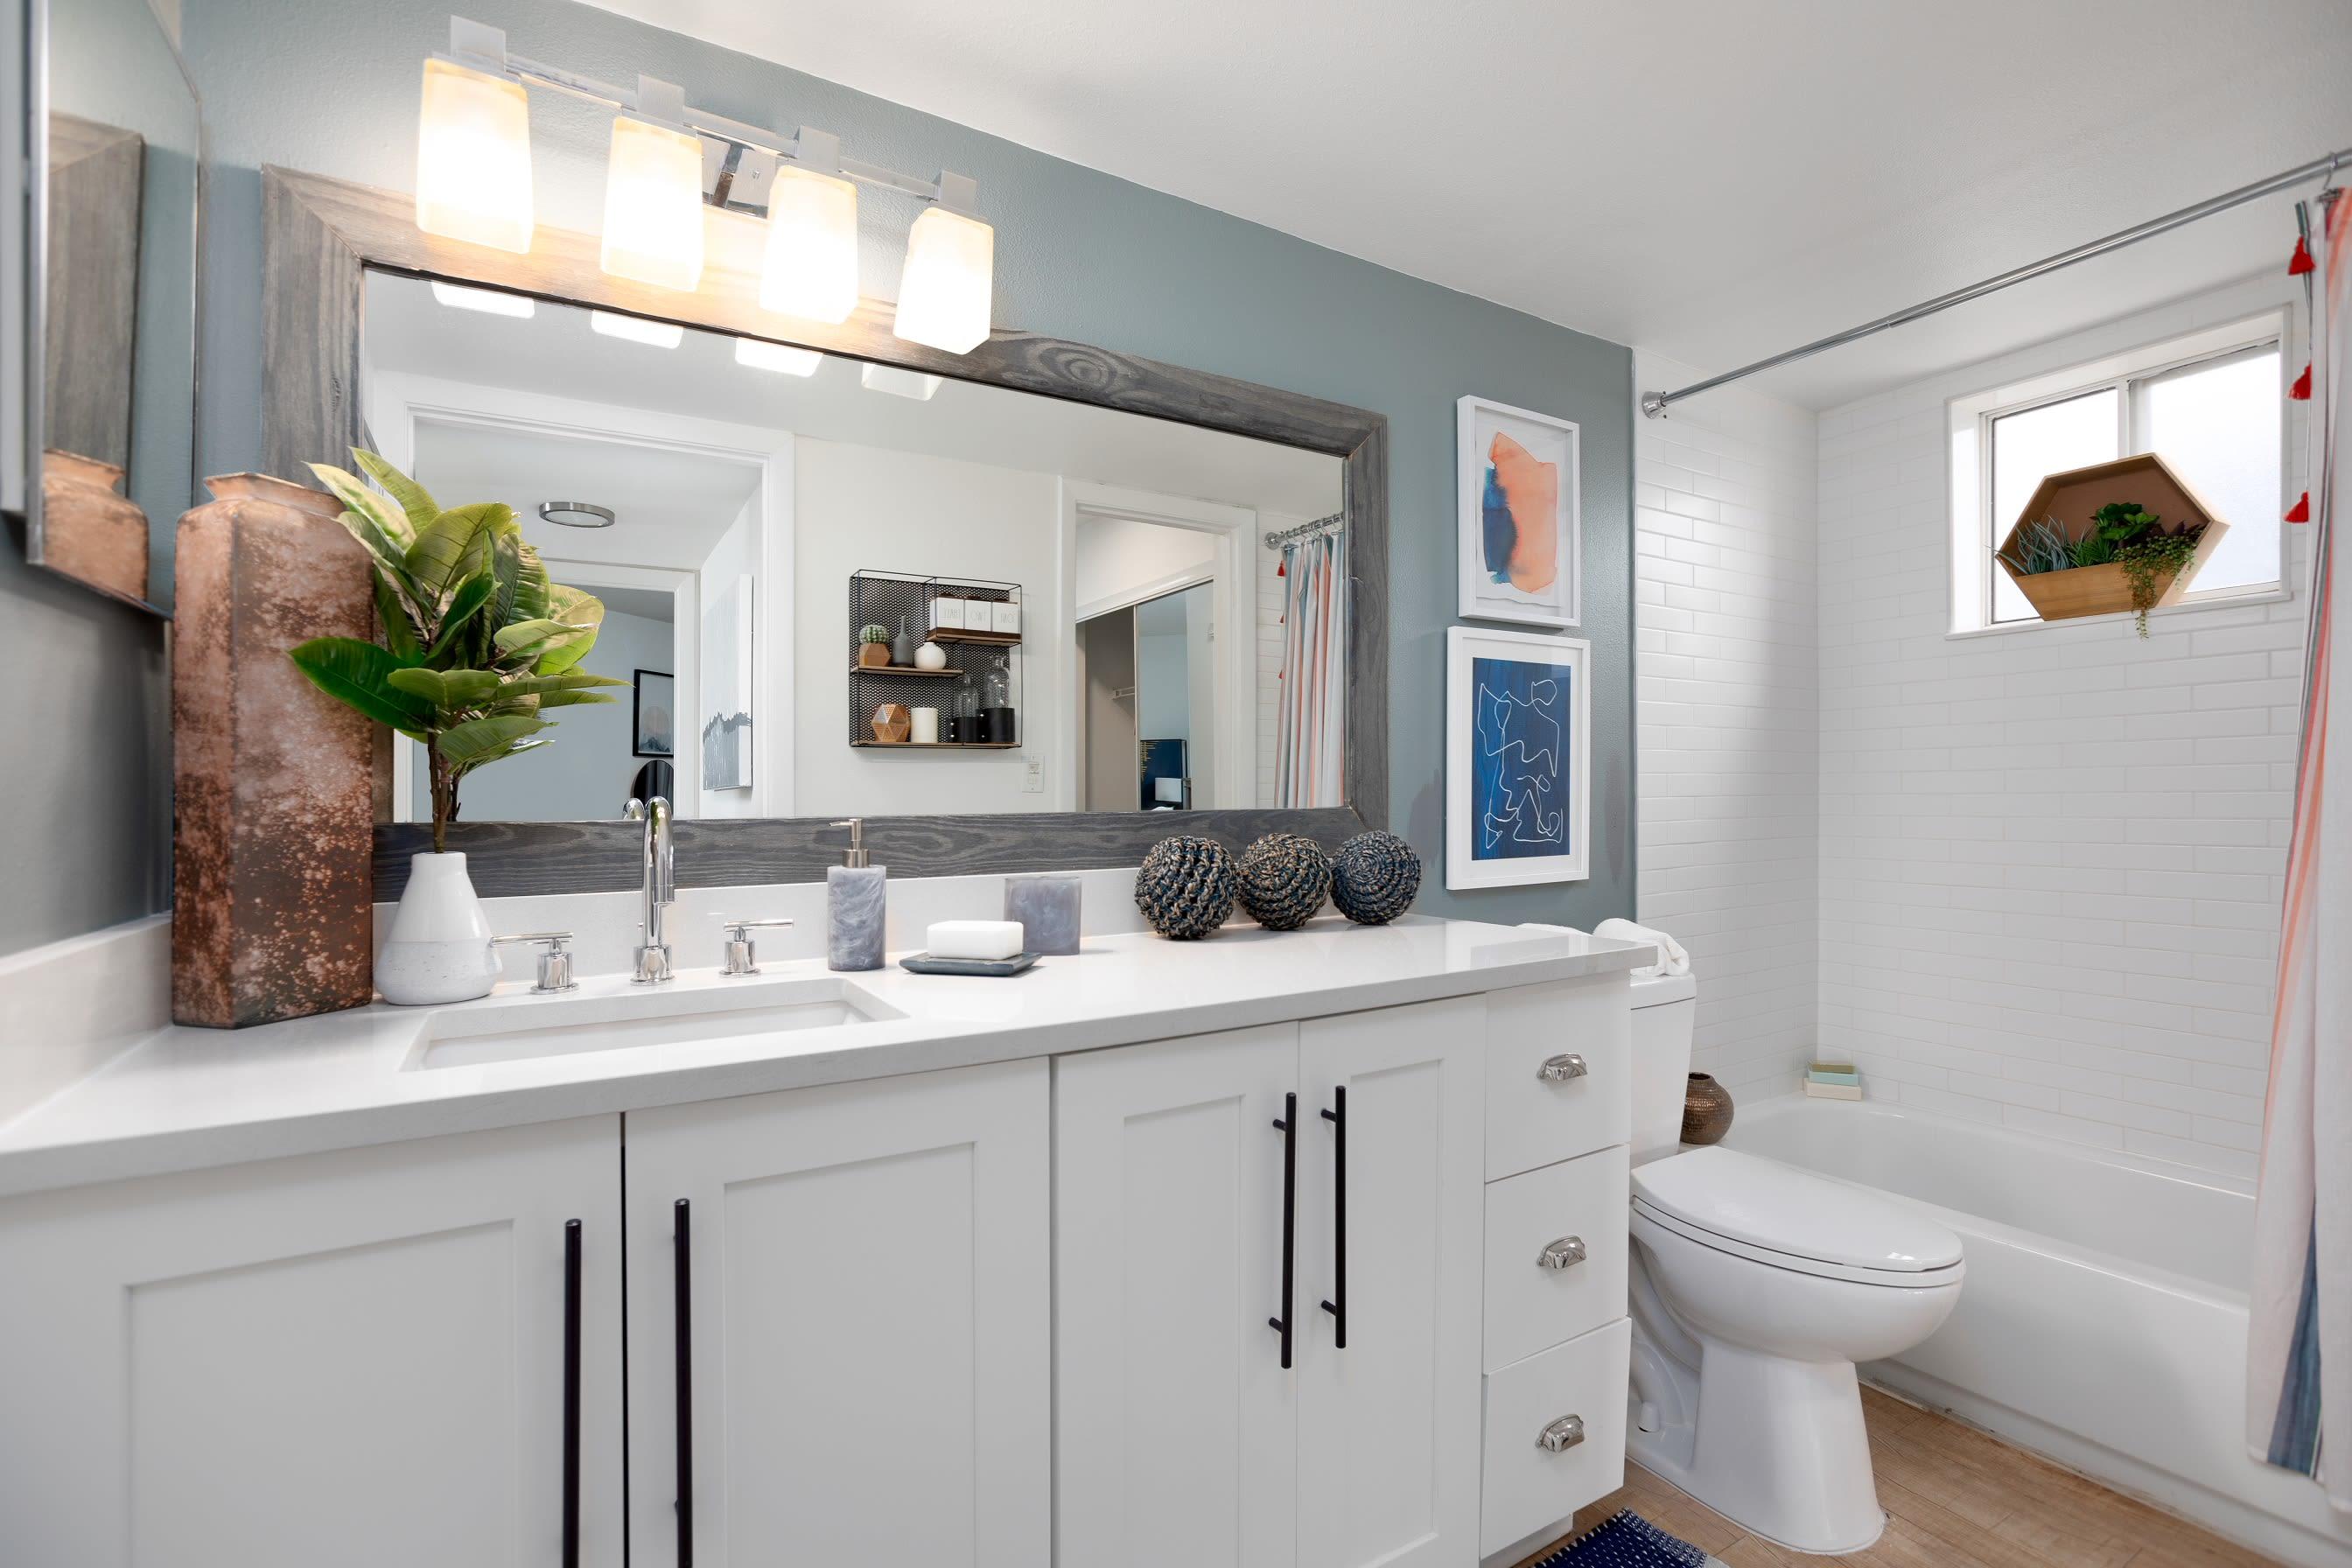 Large bathroom with vanity mirror at Cielo Boca in Boca Raton, Florida